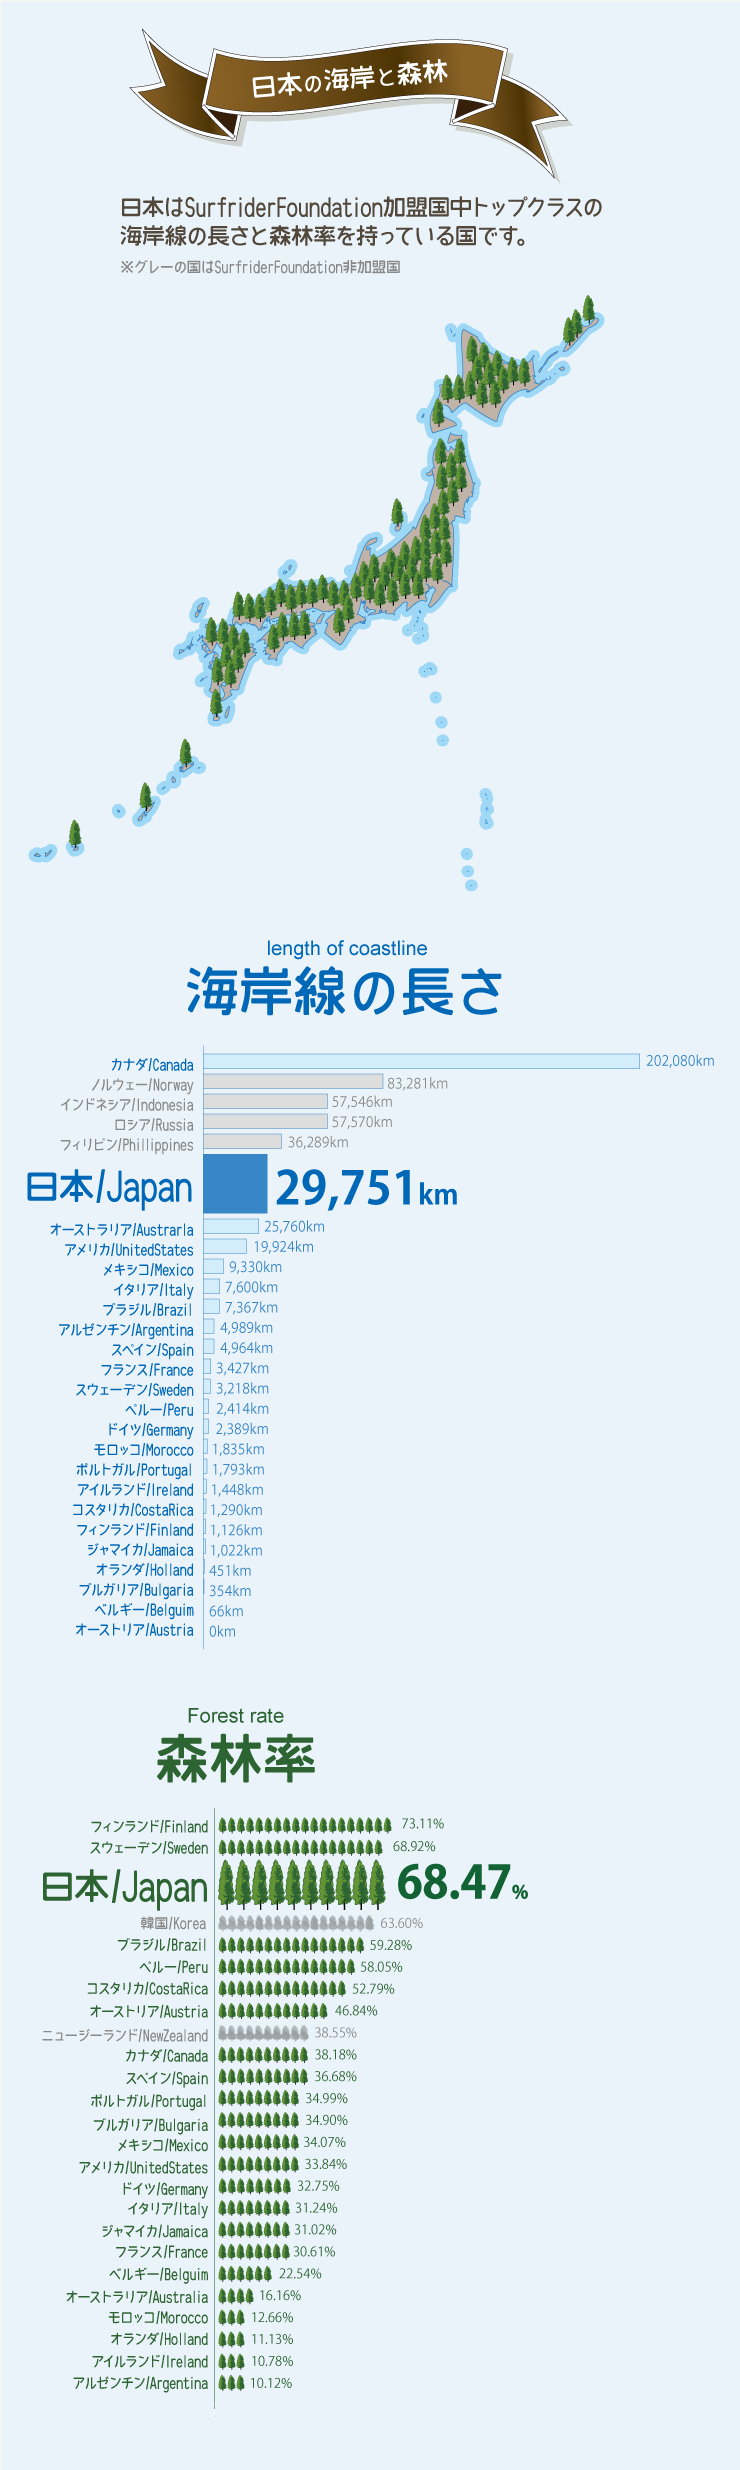 sf_japan_web